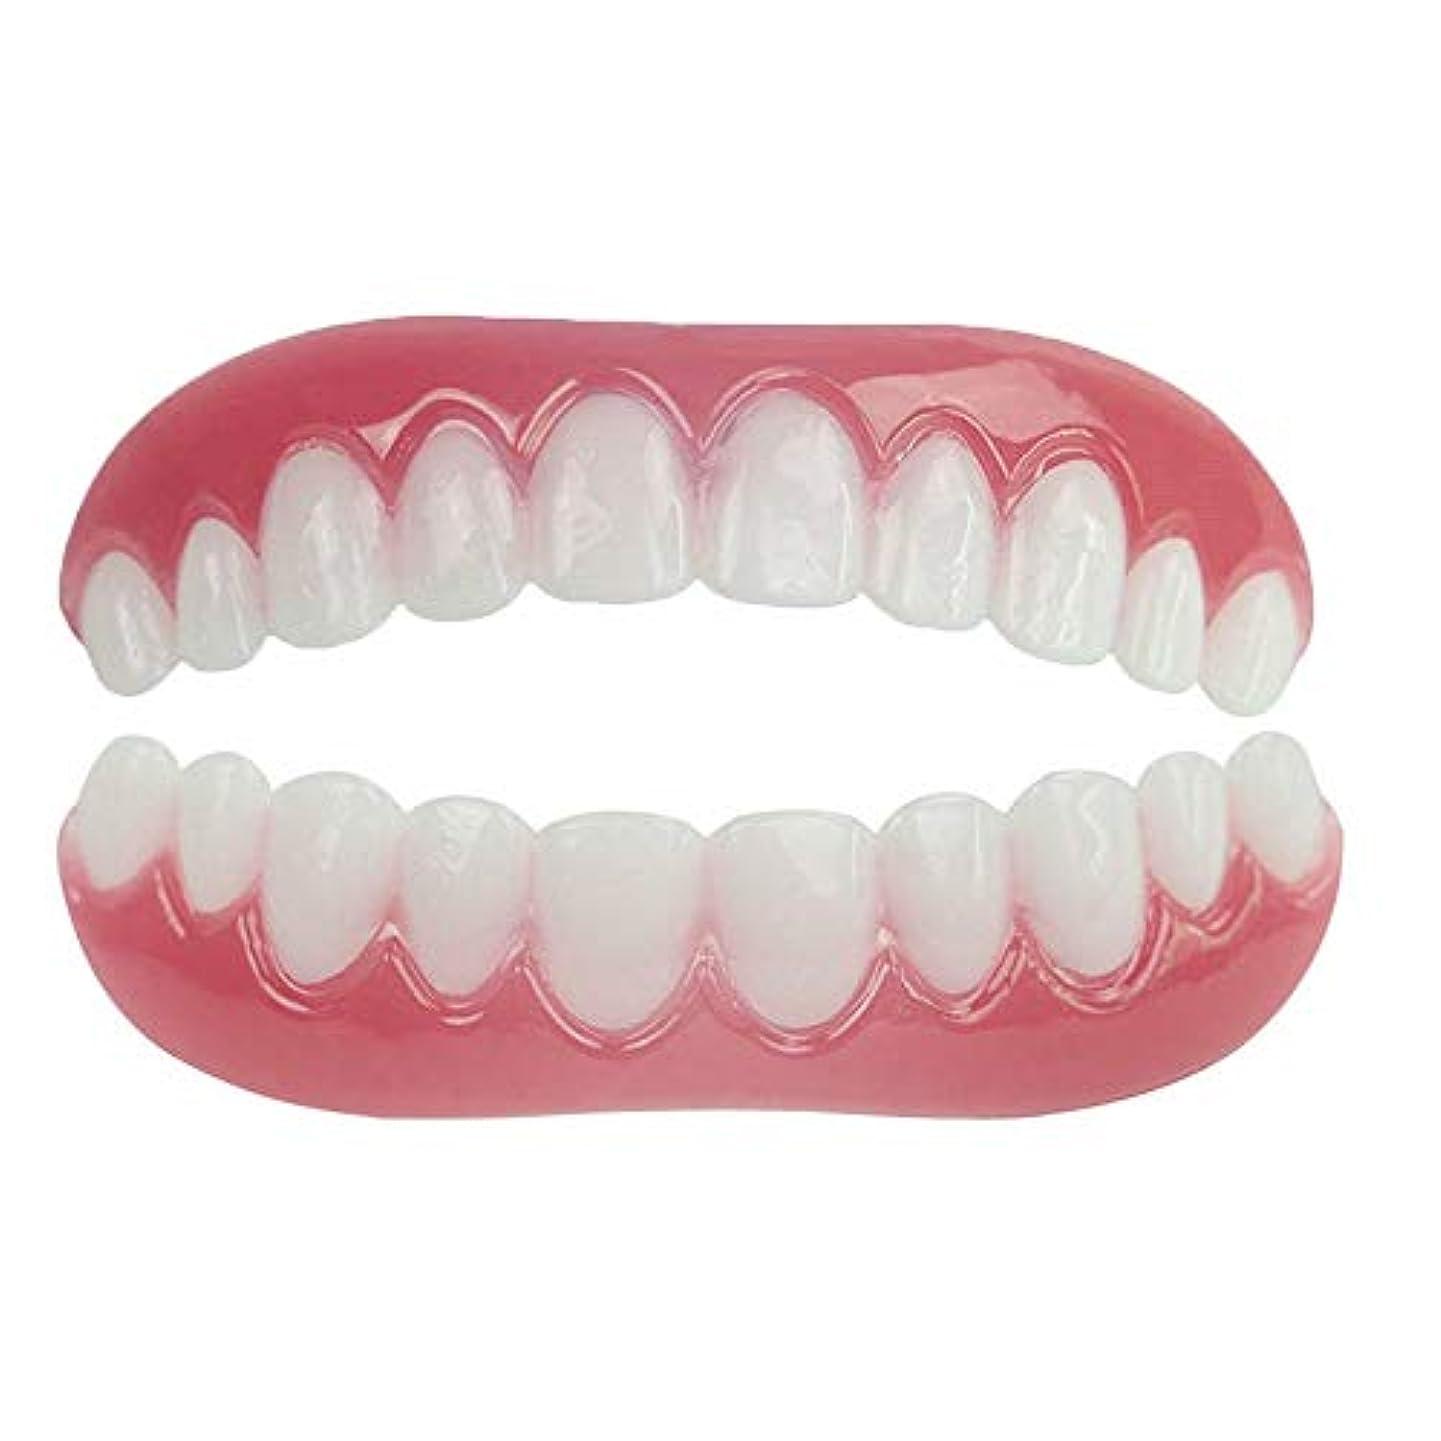 誕生電卓極端なシリコンシミュレーションの上下の義歯スリーブ、歯科用ベニヤホワイトニングティーセット(2セット),Boxed,UpperLower